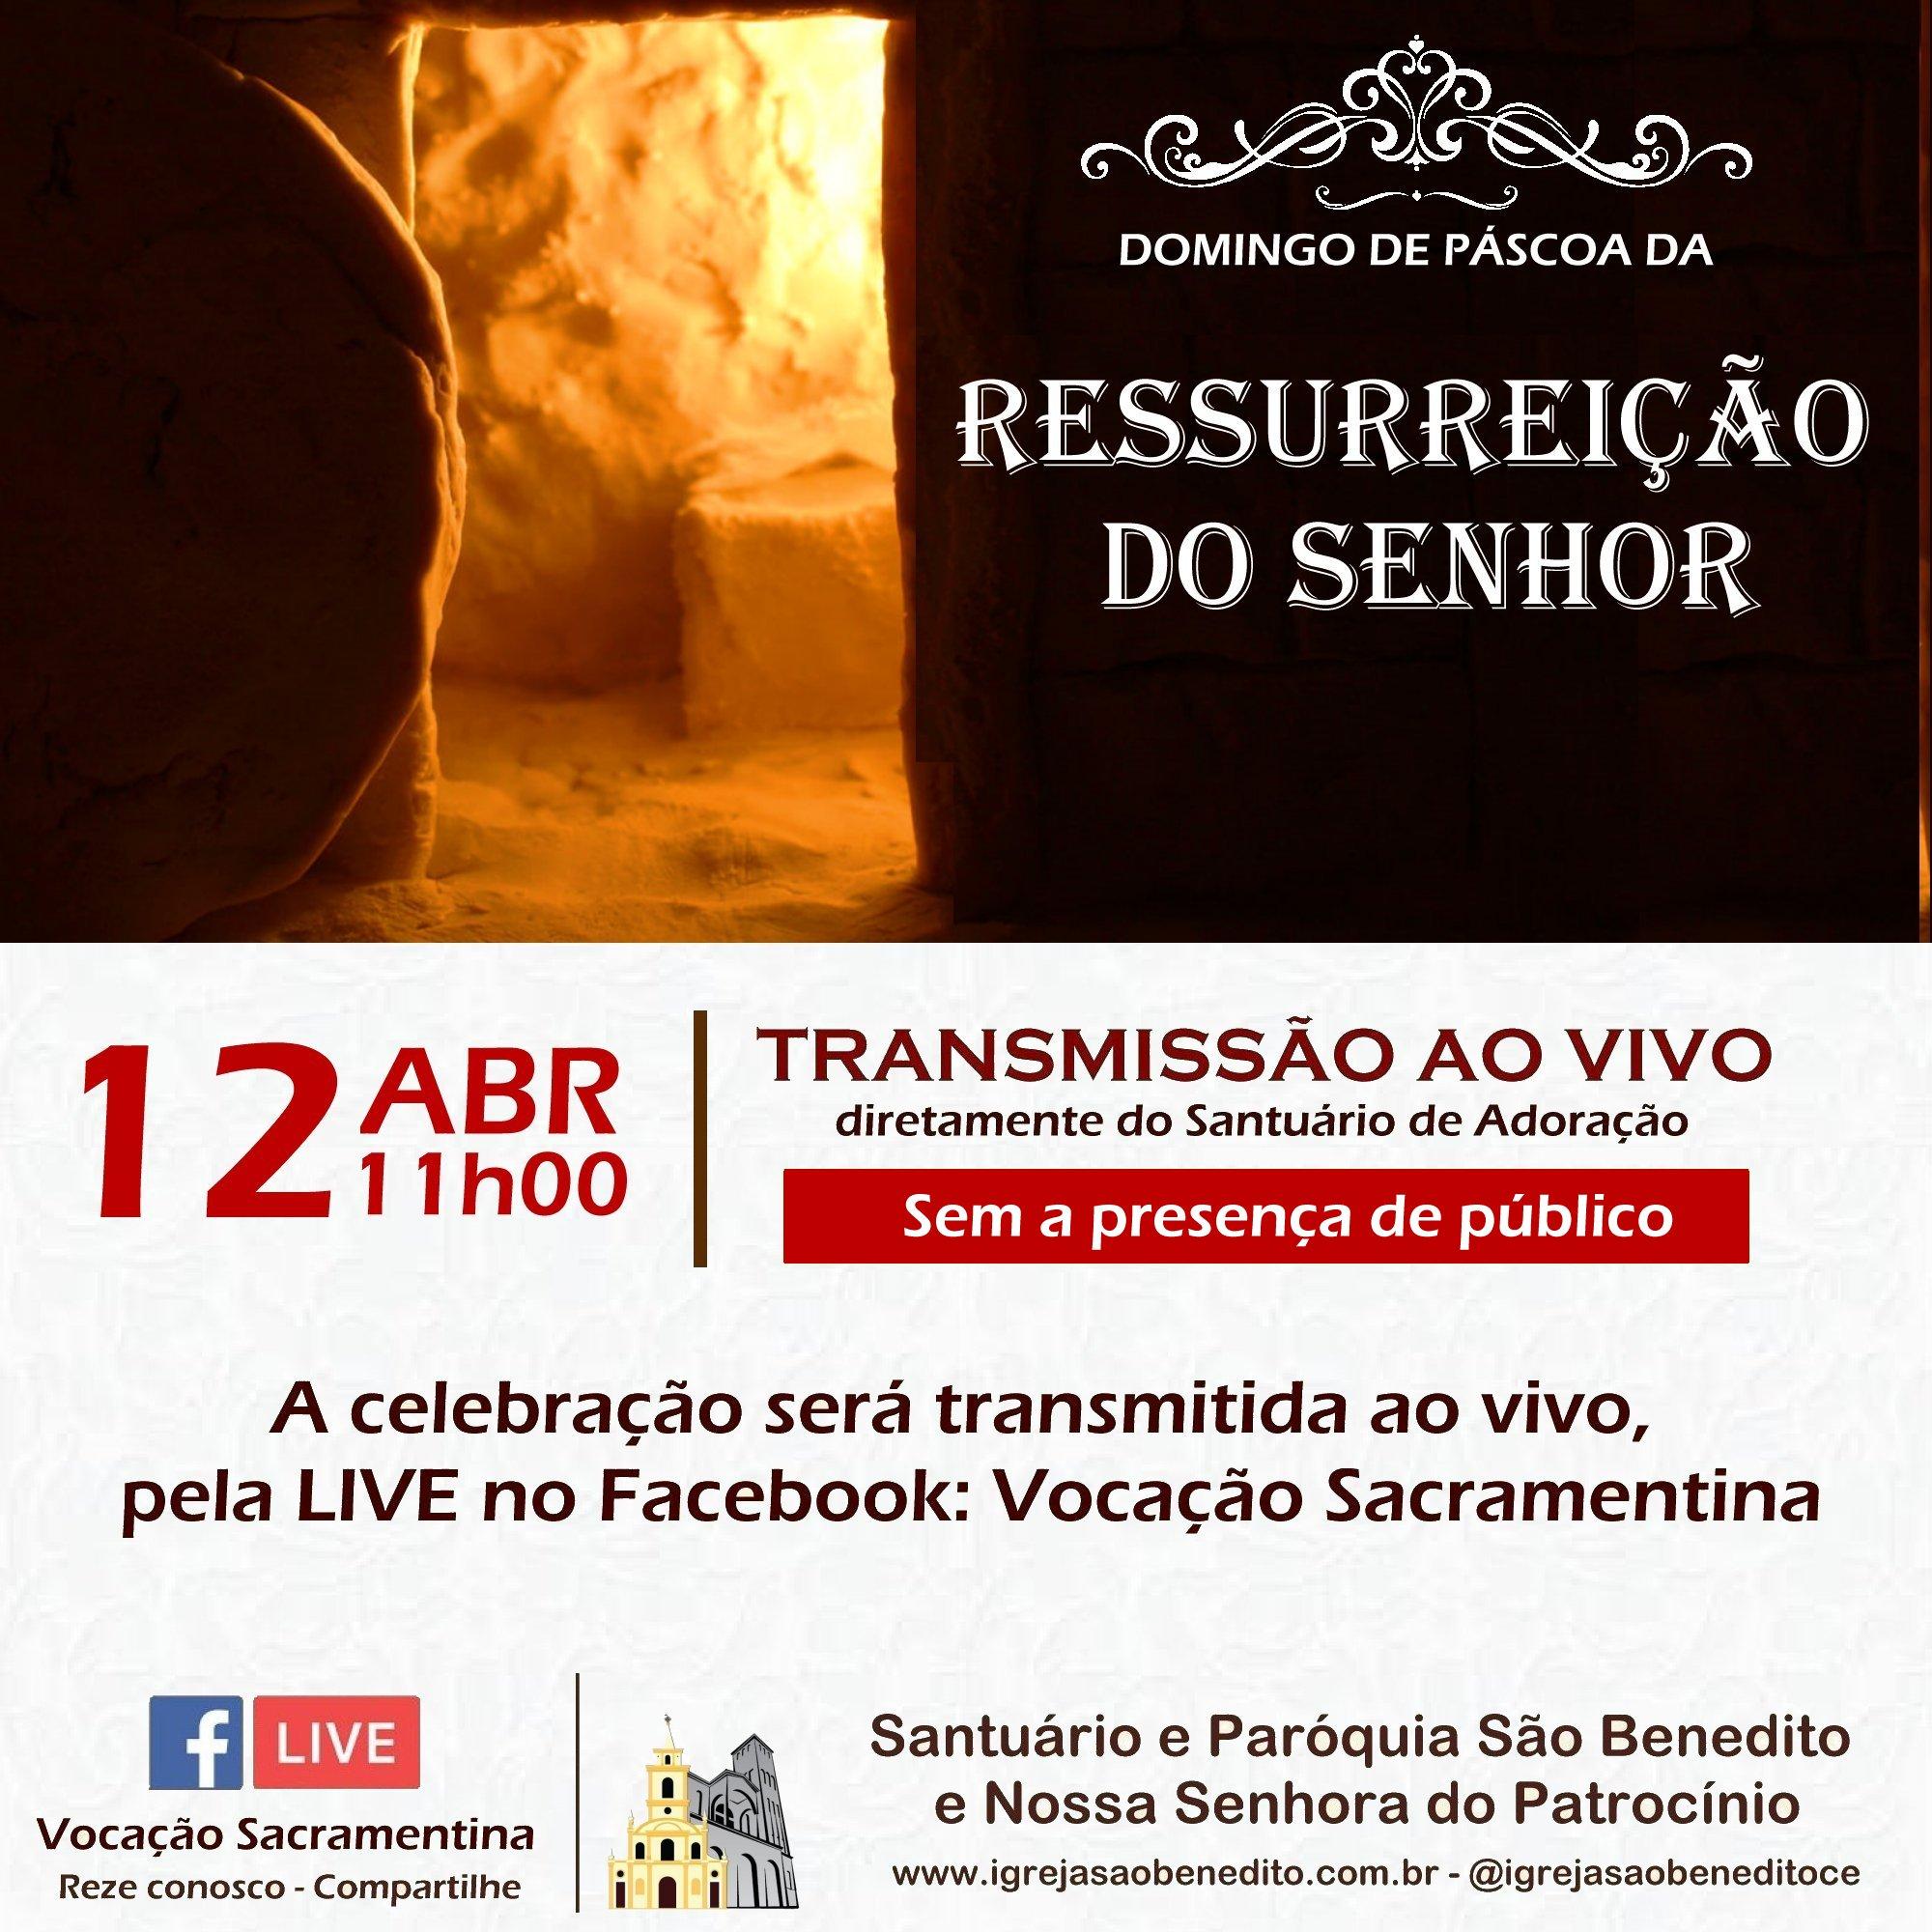 Celebração do Domingo de Páscoa da Ressurreição do Senhor, com transmissão ao vivo dia 11/04. Participe!